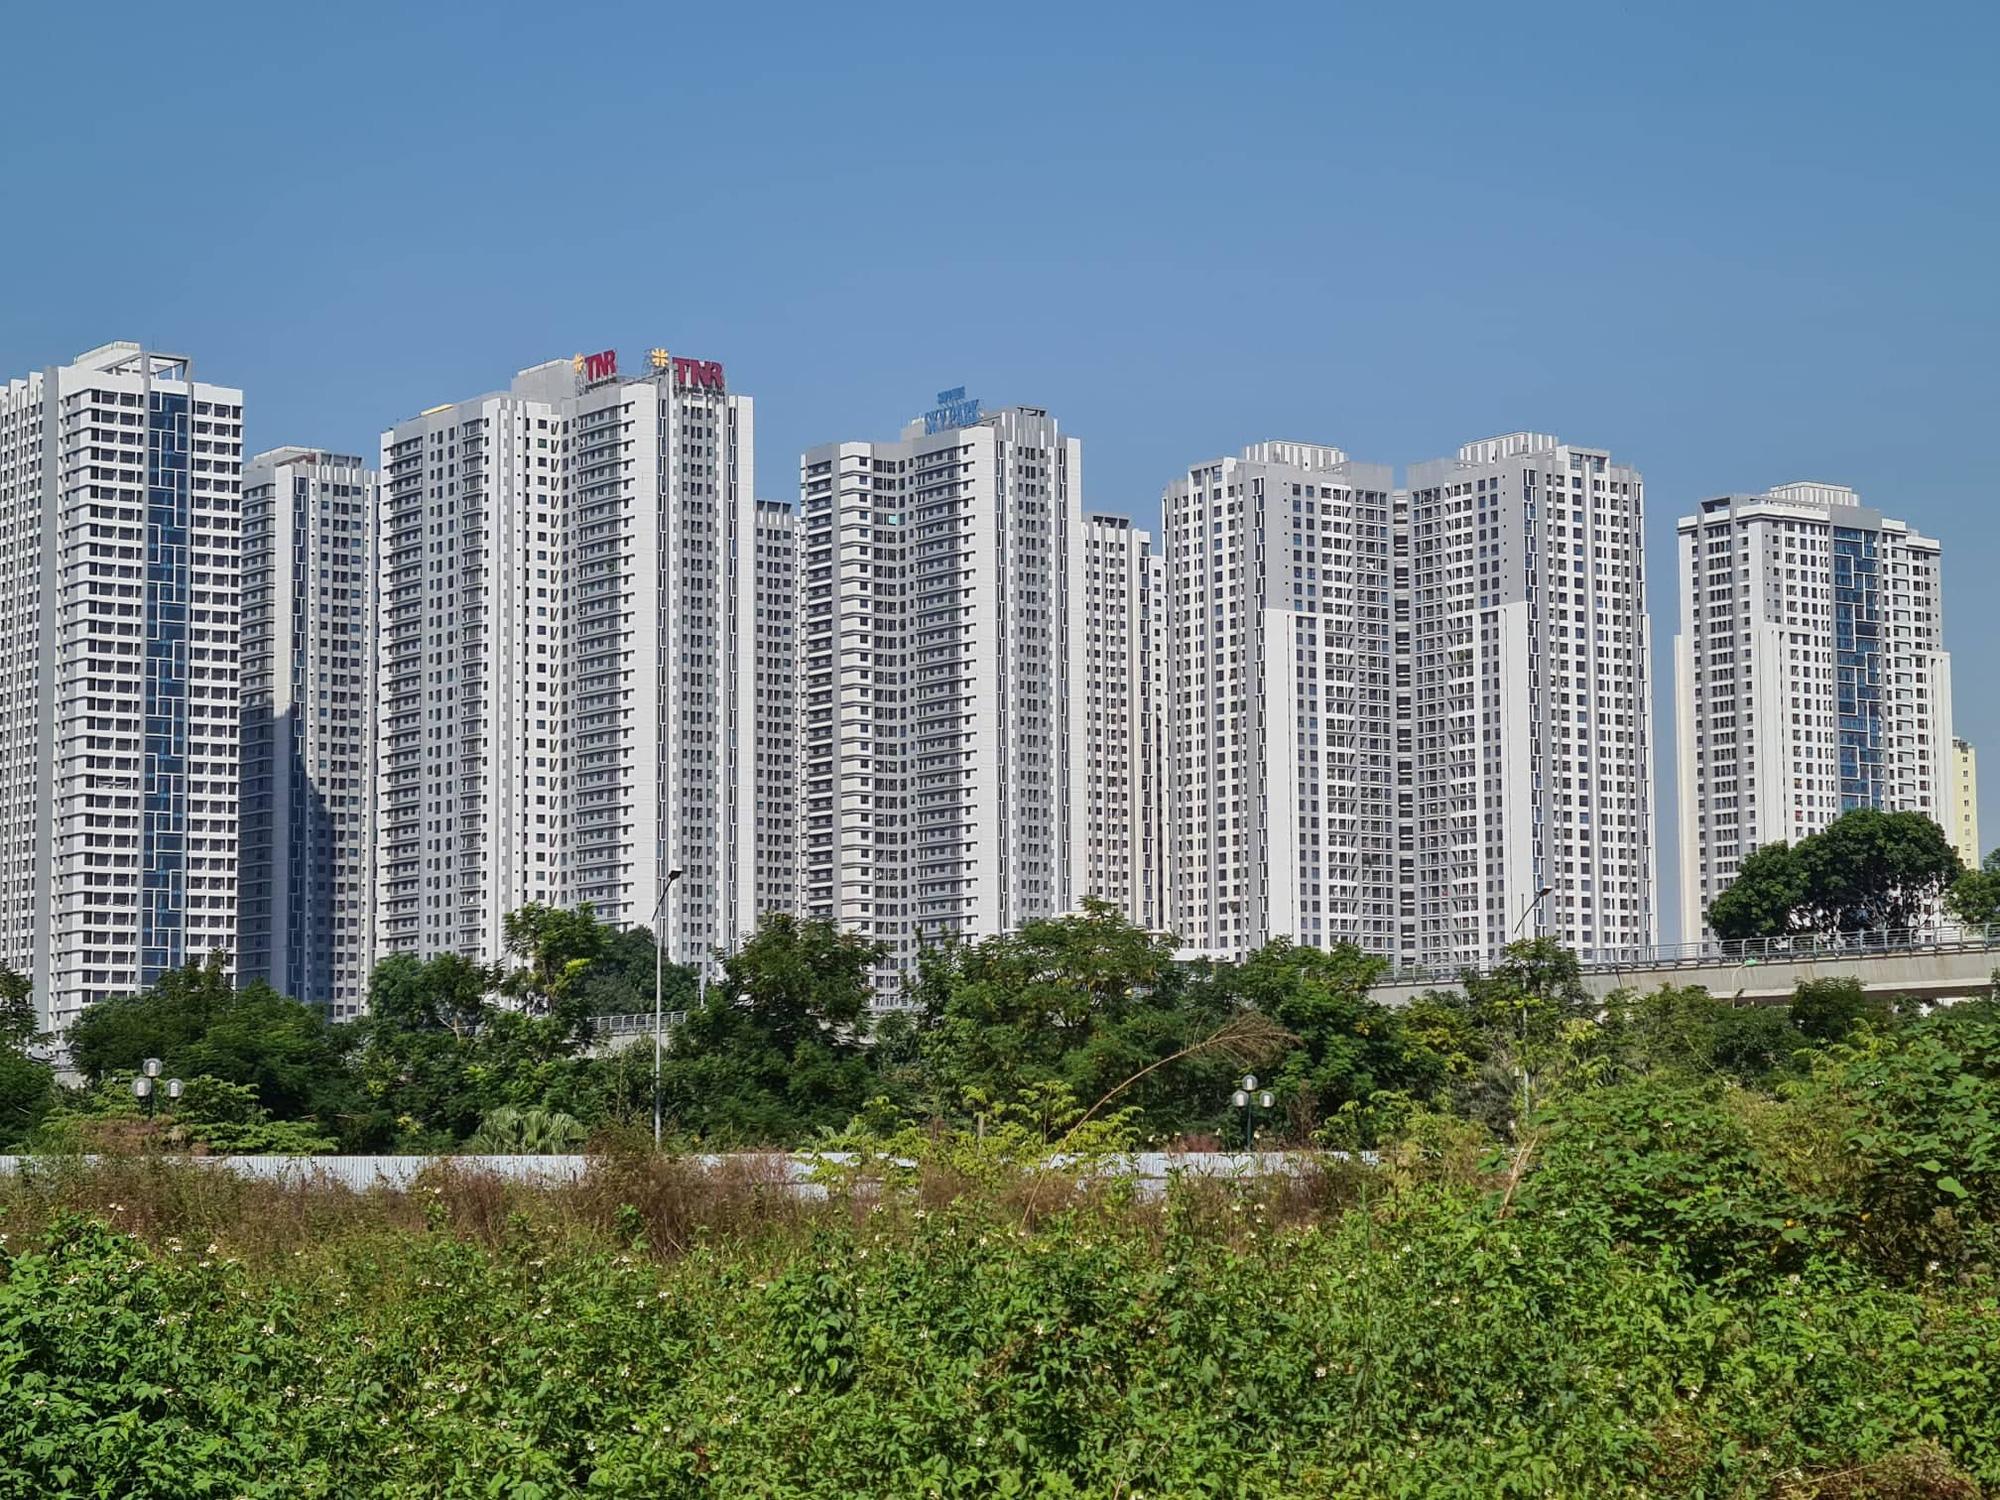 Dư nợ bất động sản khoảng 1,6 triệu tỷ đồng - Ảnh 2.